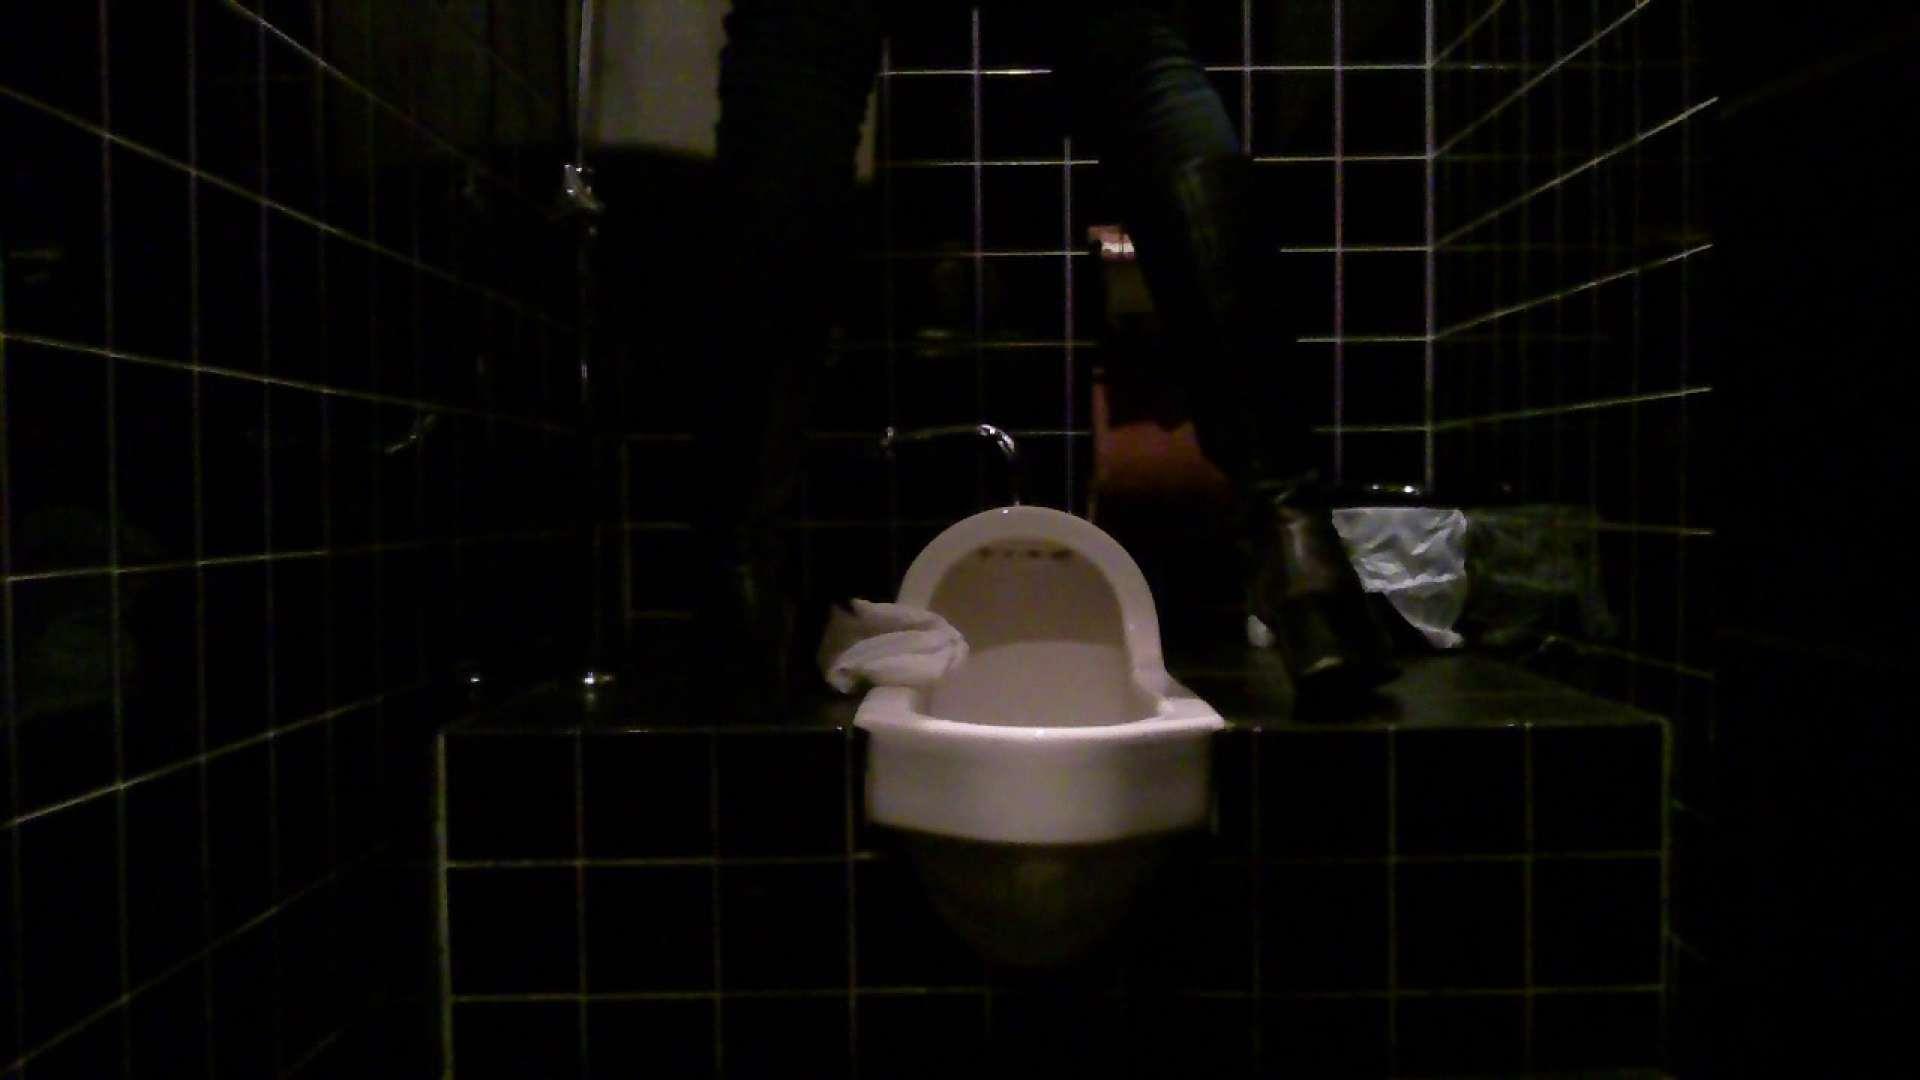 美女の集まる飲み屋洗面所 vol.05 美女 盗み撮りオマンコ動画キャプチャ 61pic 35